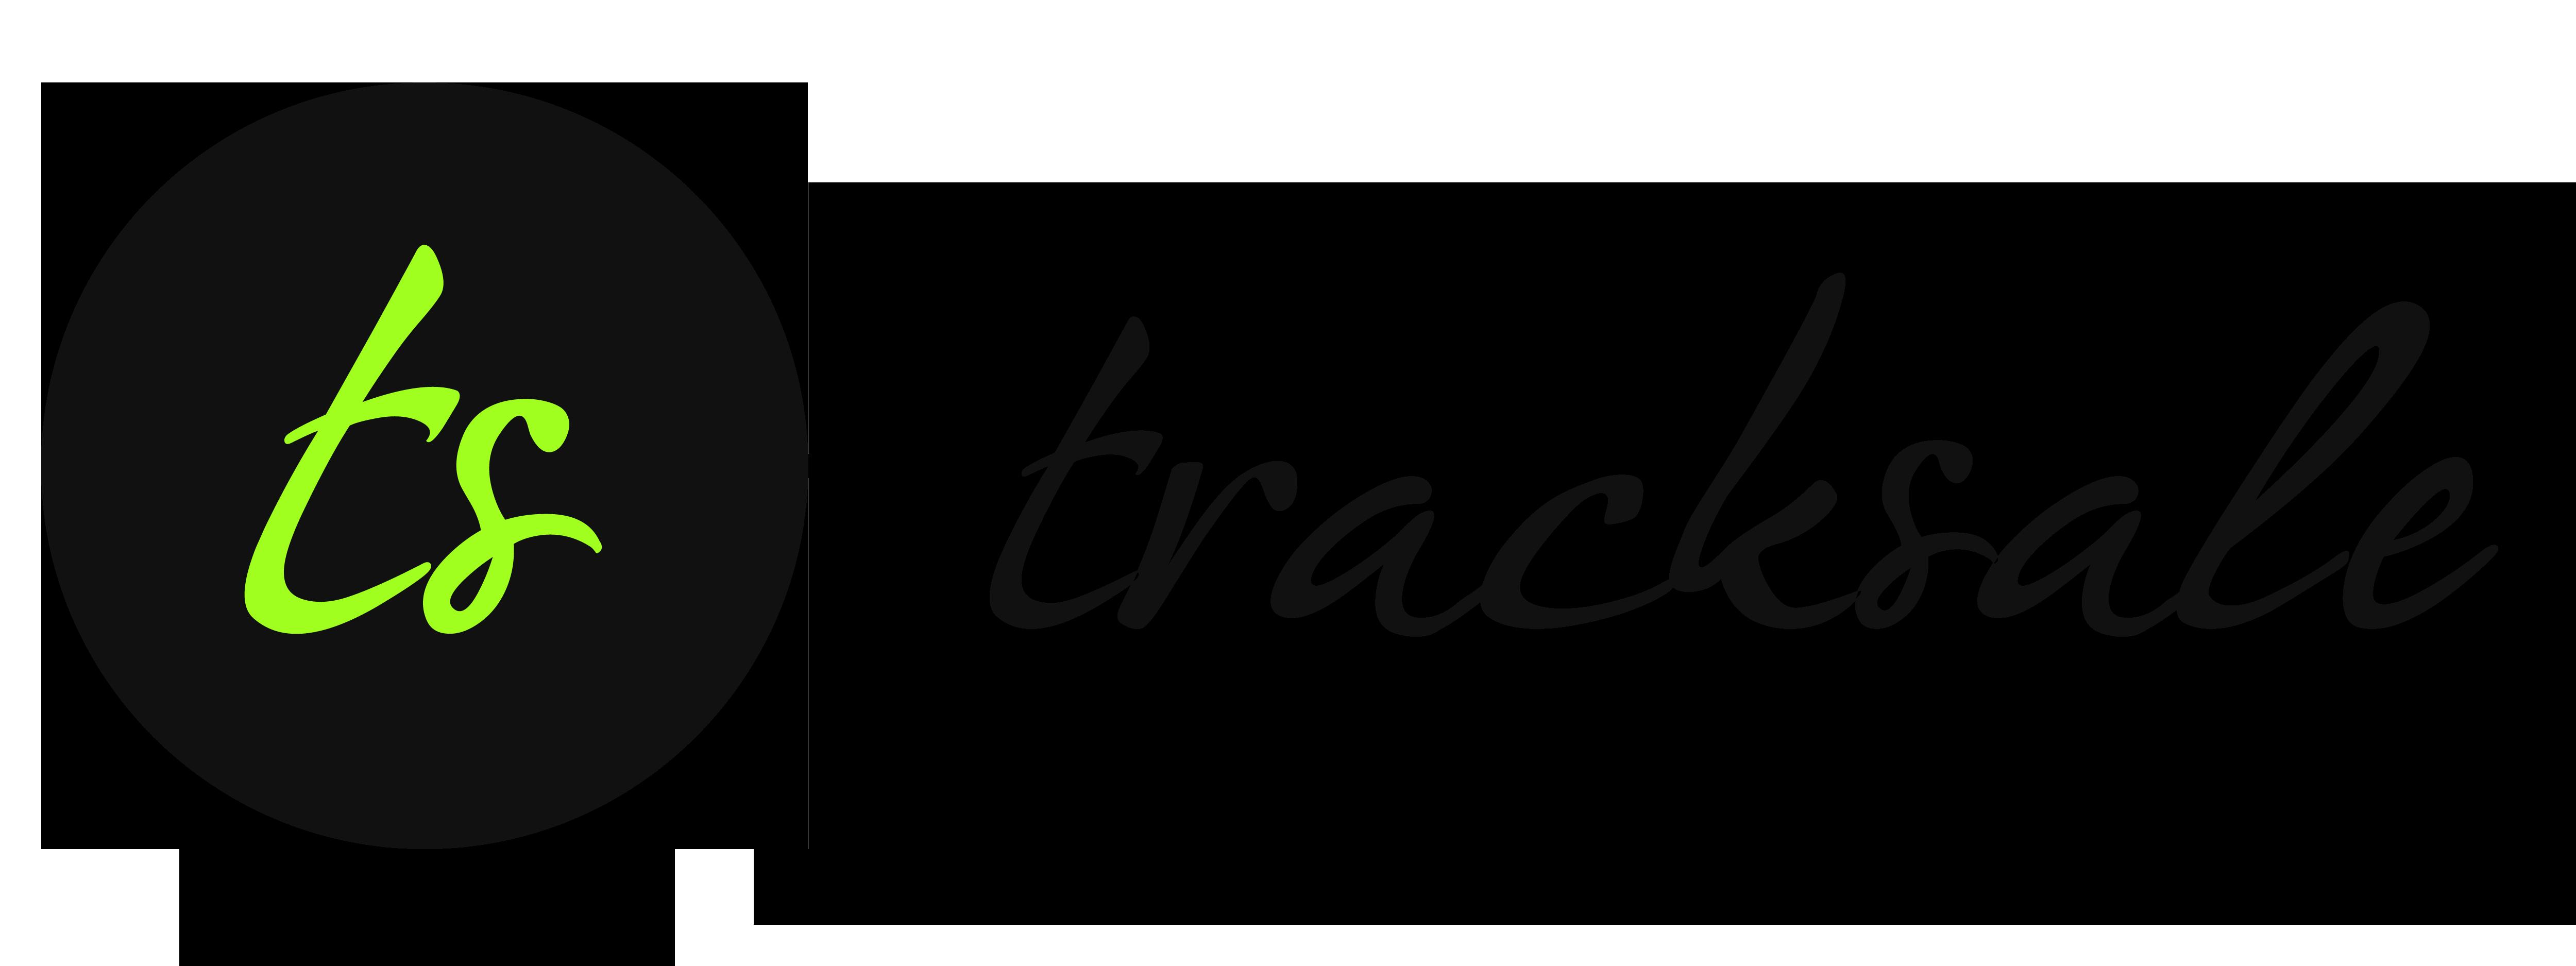 Logo Tracksale Grande com Bola.fw